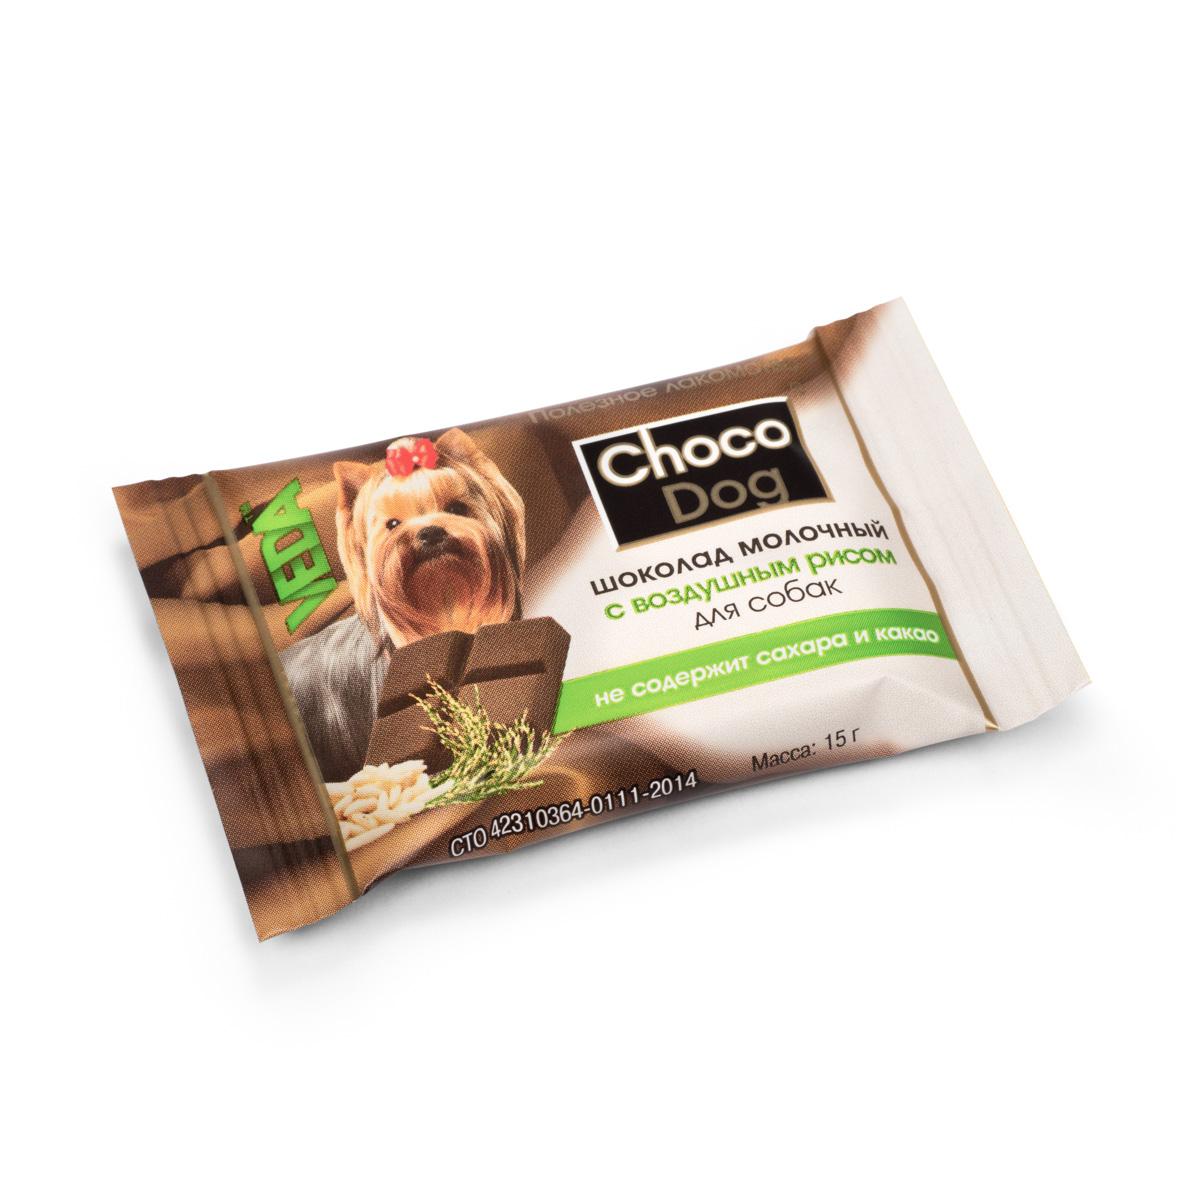 Лакомство для собак VEDA Choco Dog, молочный шоколад с воздушным рисом, 15 г4605543006616Лакомство для собак VEDA Choco Dog представляет собой дополнительный функциональный корм для непродуктивных животных в виде лакомства, предназначенный для использования в качестве лакомства с целью поощрения и дрессуры животных. Сладкое лакомство для собак, обогащённое полезным наполнителем.Рис, благодаря наличию витаминов группы В, витамина Е, ряда микроэлементов (калий, кальций, железо, цинк, магний), полезен для костей, сердца и сосудов. К тому же воздушный рис приятно похрустывает.Состав: заменитель масла какао, лактоза, сухая молочная сыворотка, порошок плодов рожкового дерева, рис воздушный, пивные дрожжи, лецитин, стевиозид, пищевой ароматизатор. Пищевая ценность в 100 г: белки 3,0 г, жиры 40 г, углеводы 55 г.Энергетическая ценность в 100 г: 570 ккал.Товар сертифицирован.